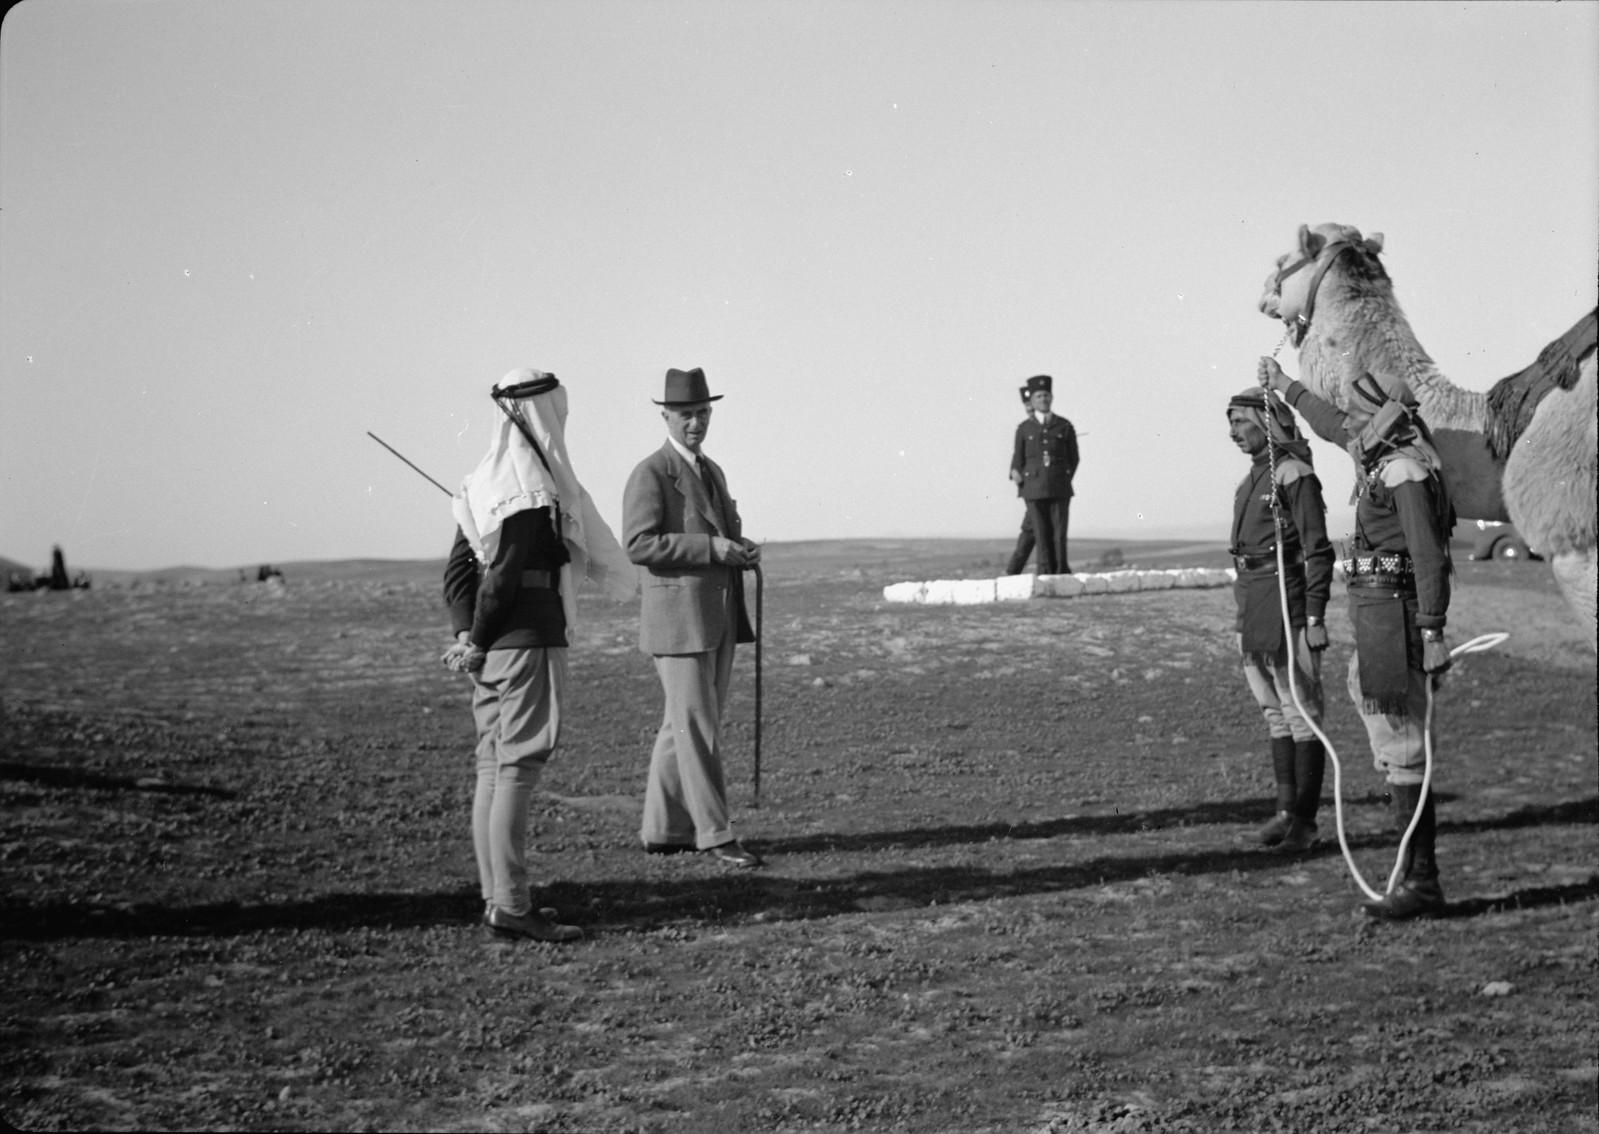 07. Его Превосходительство разговаривает с членами верблюжьего корпуса.